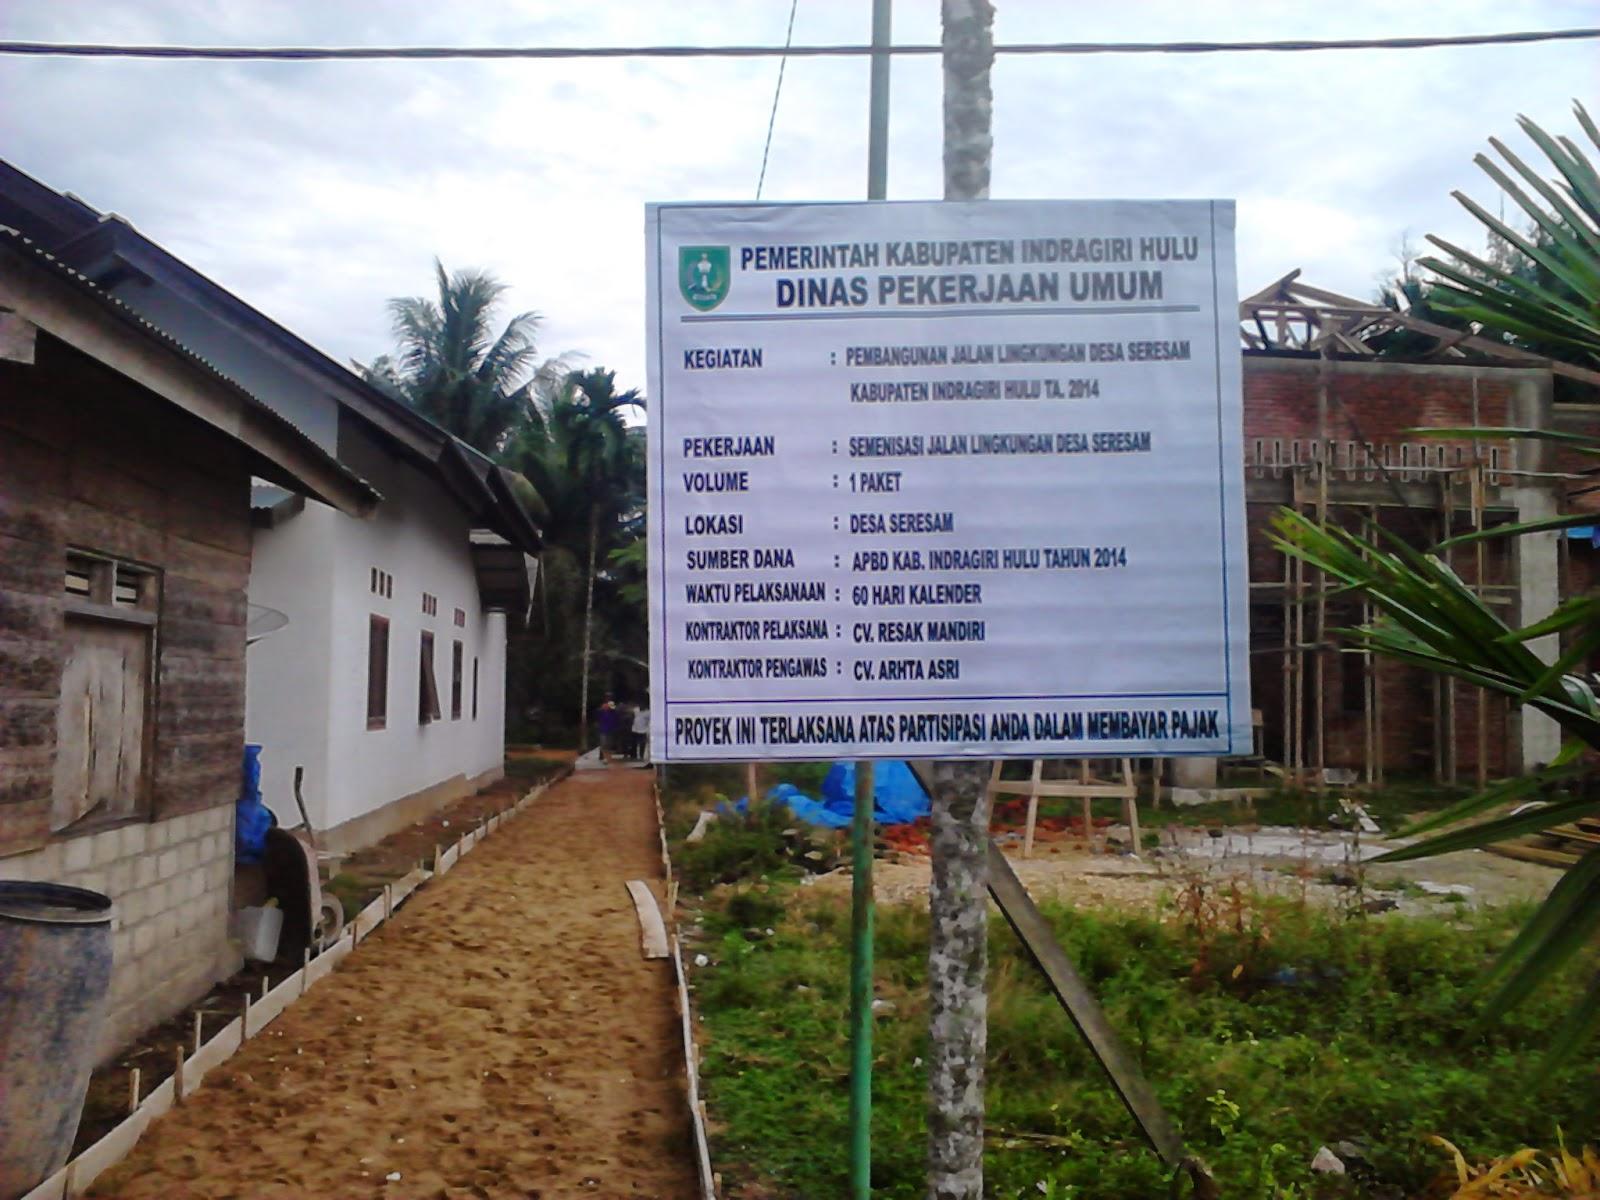 CV Resak Mandiri DEVID EKHA HIDAYAT semenisasi di Desa Seresam